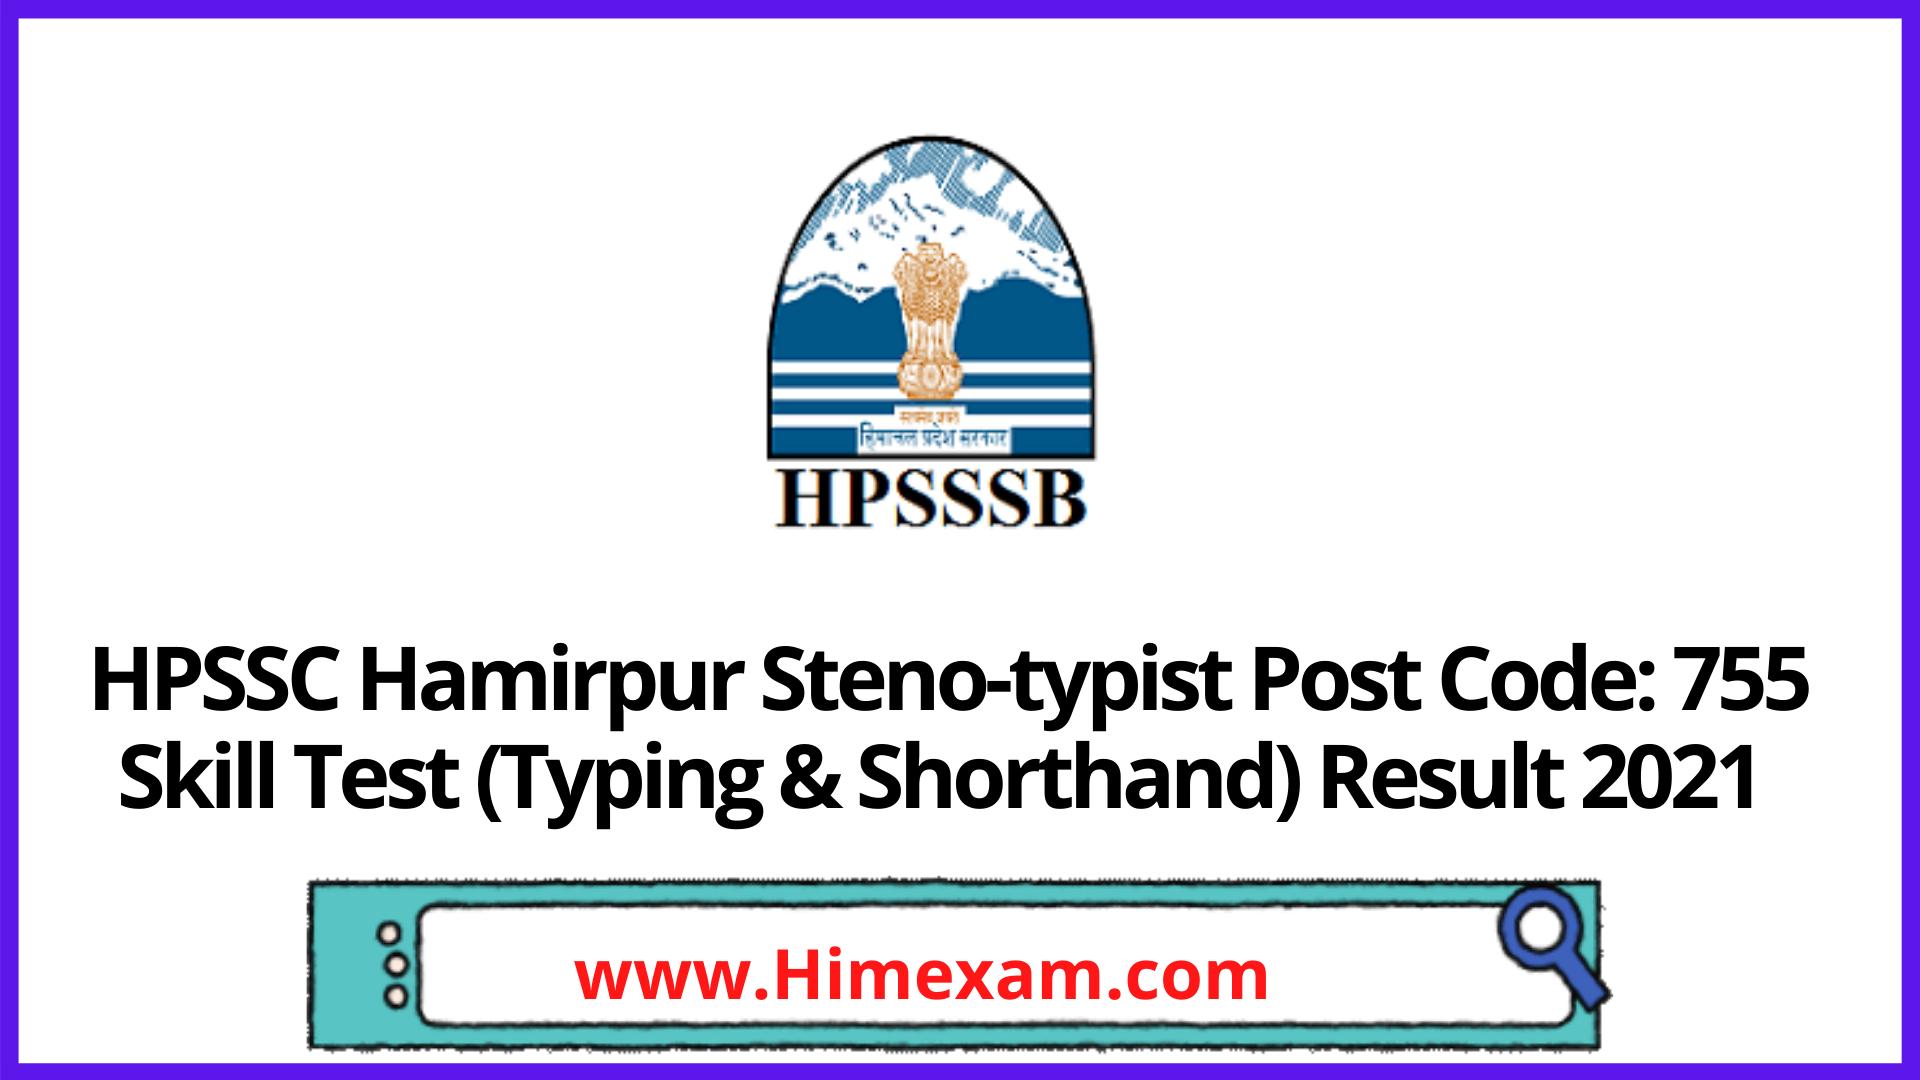 HPSSC Hamirpur Steno-typist Post Code: 755 Skill Test (Typing & Shorthand) Result 2021